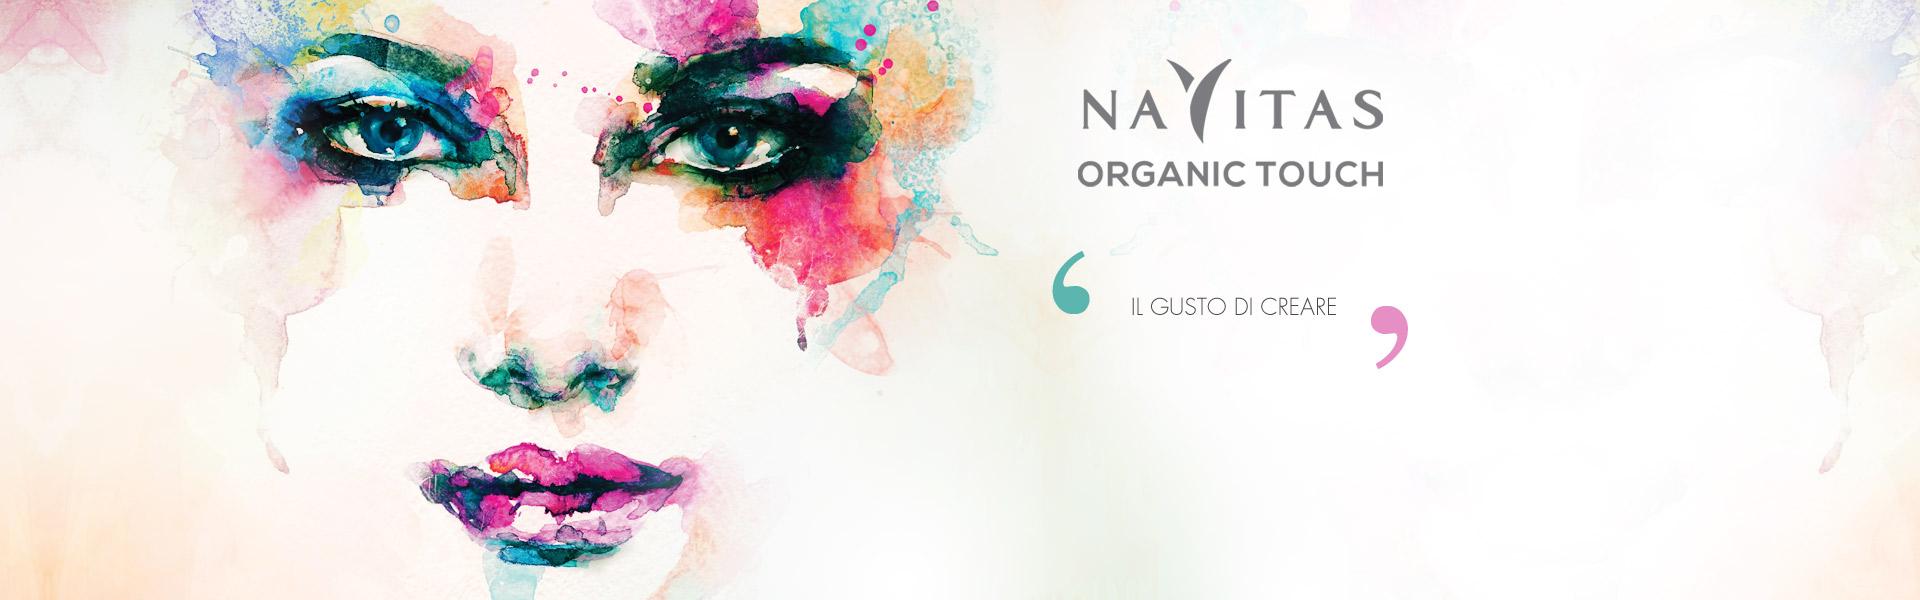 navitas Organic Touch shampoo e maschere colorati